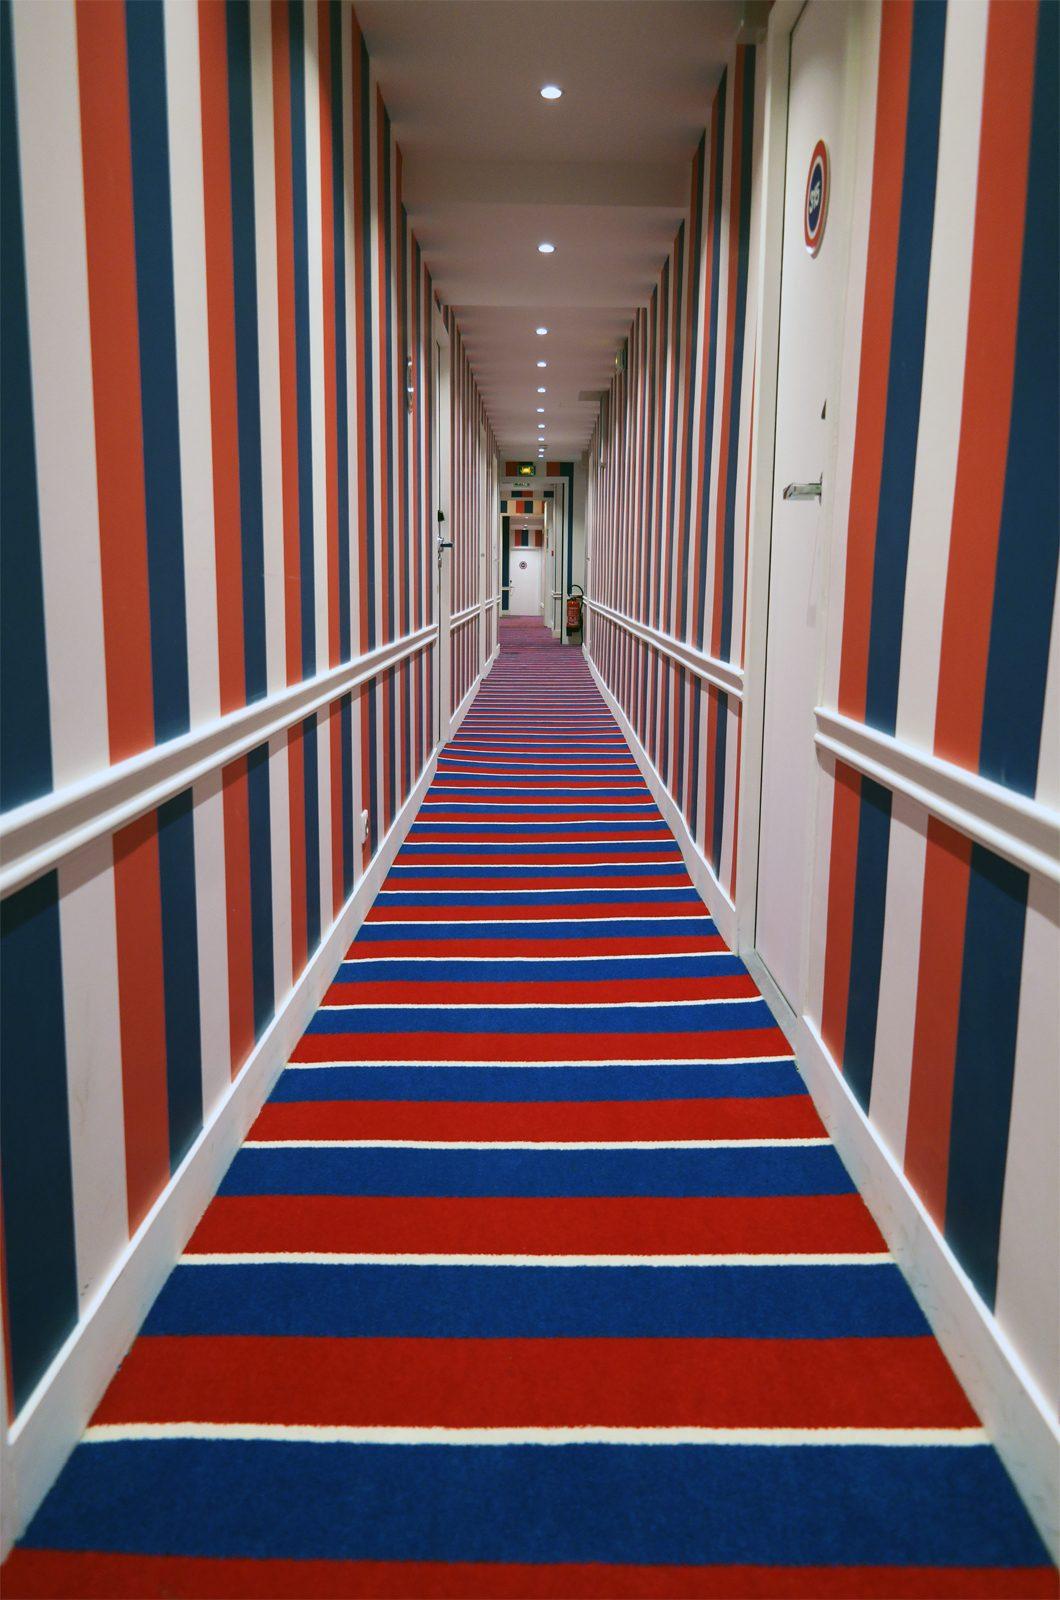 Le 34B hotel astotel paris 34 rue Bergere 75009 tricolor corridor french design photo usofparis blog